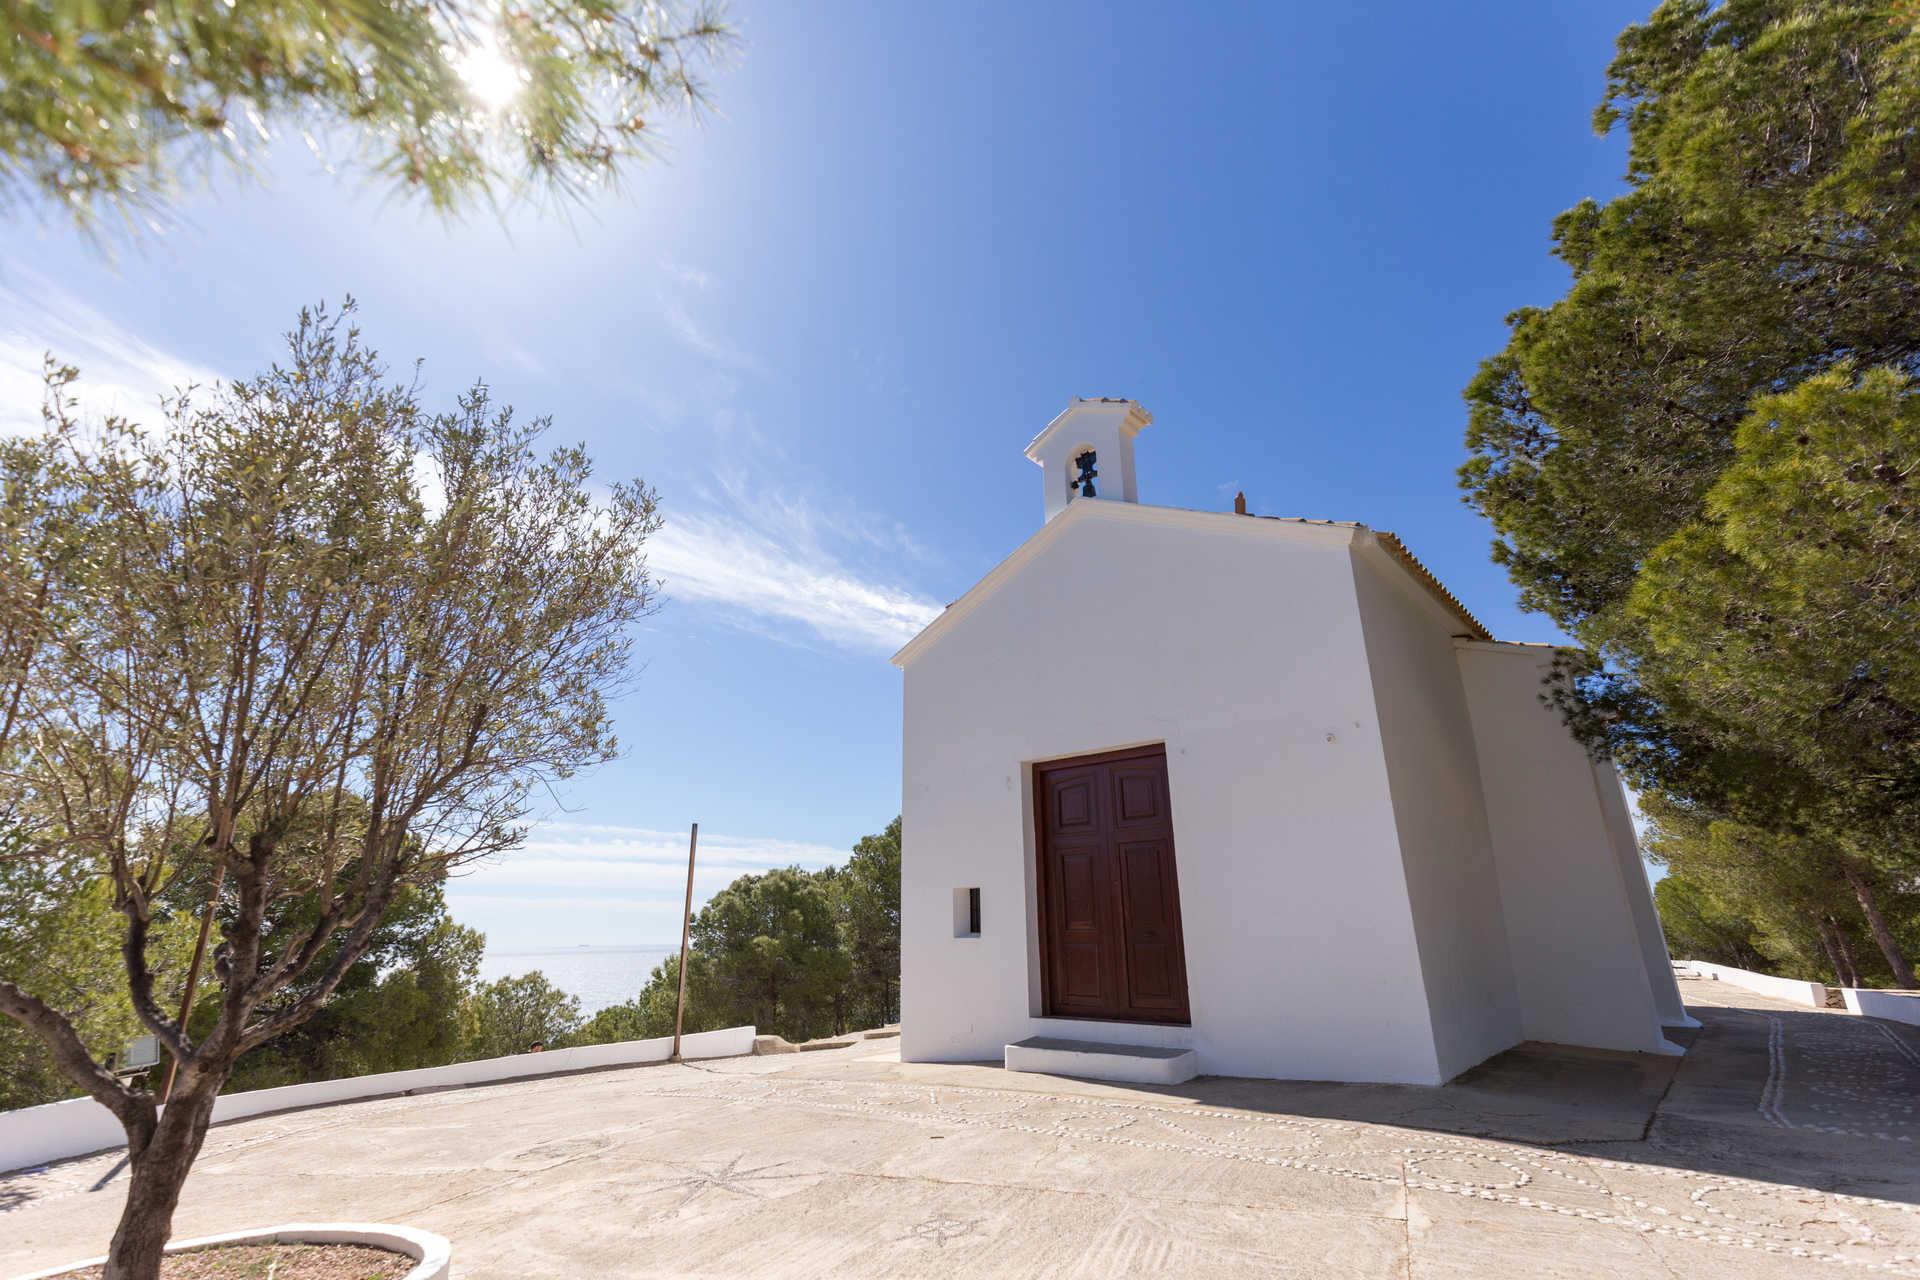 Chapelle de Saint-sauveur (san Salvador)